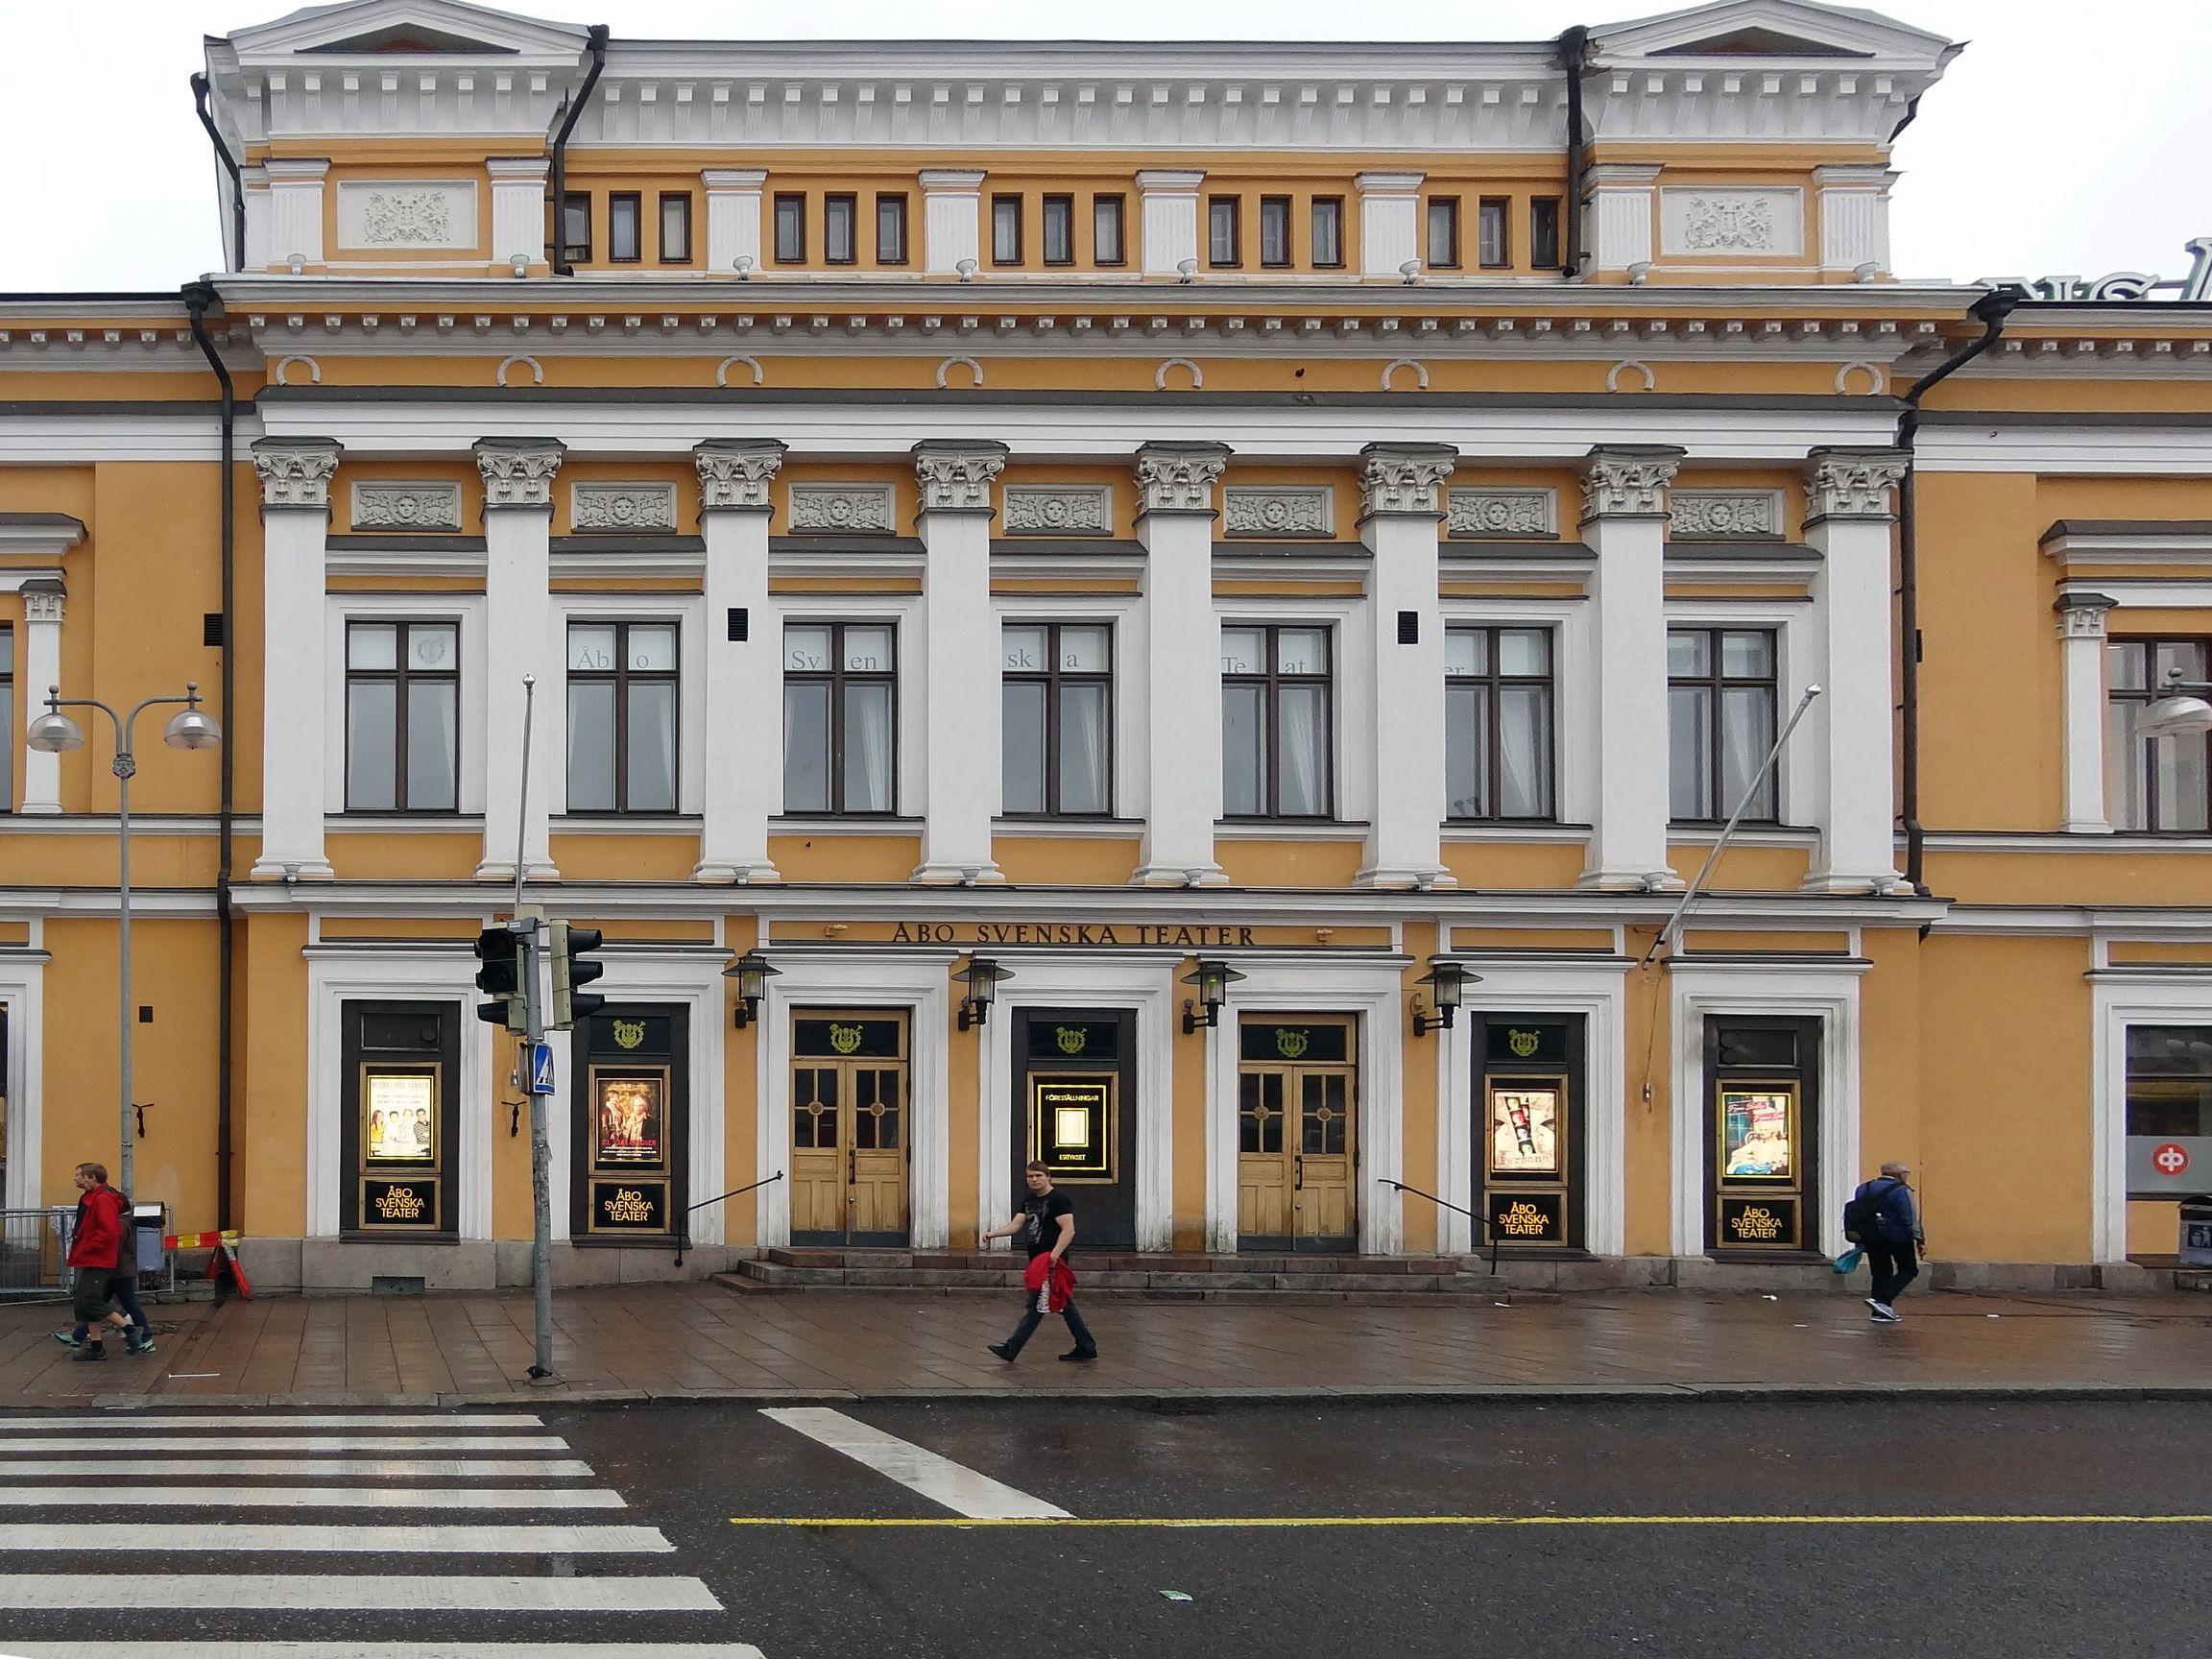 Theater von Turku